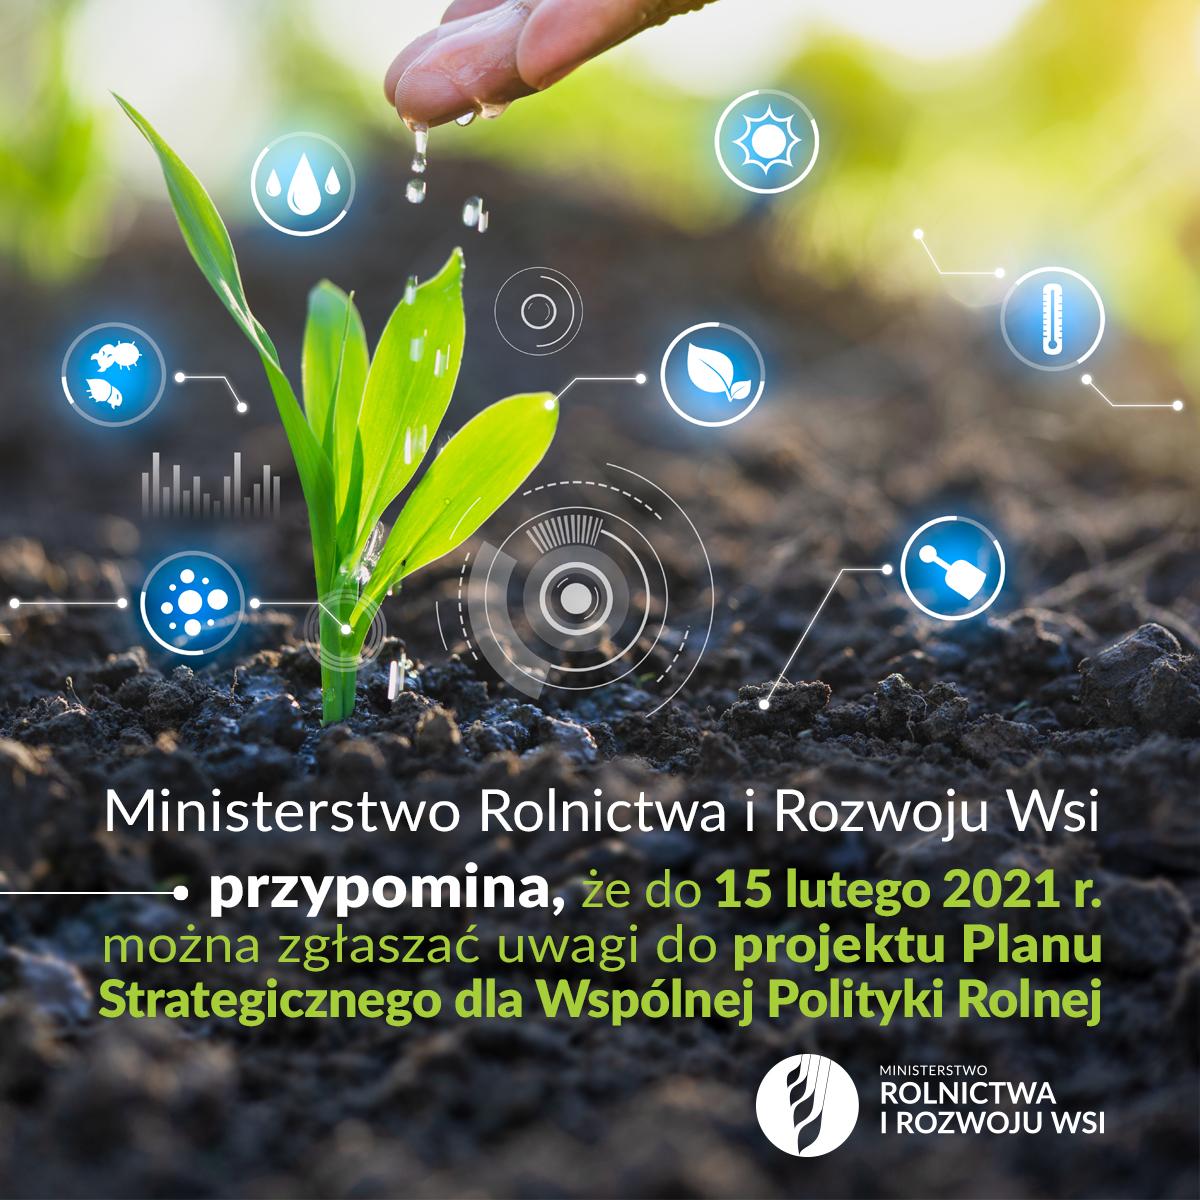 Plakat projektu Planu Strategicznego dla Wspólnej Polityki Rolnej